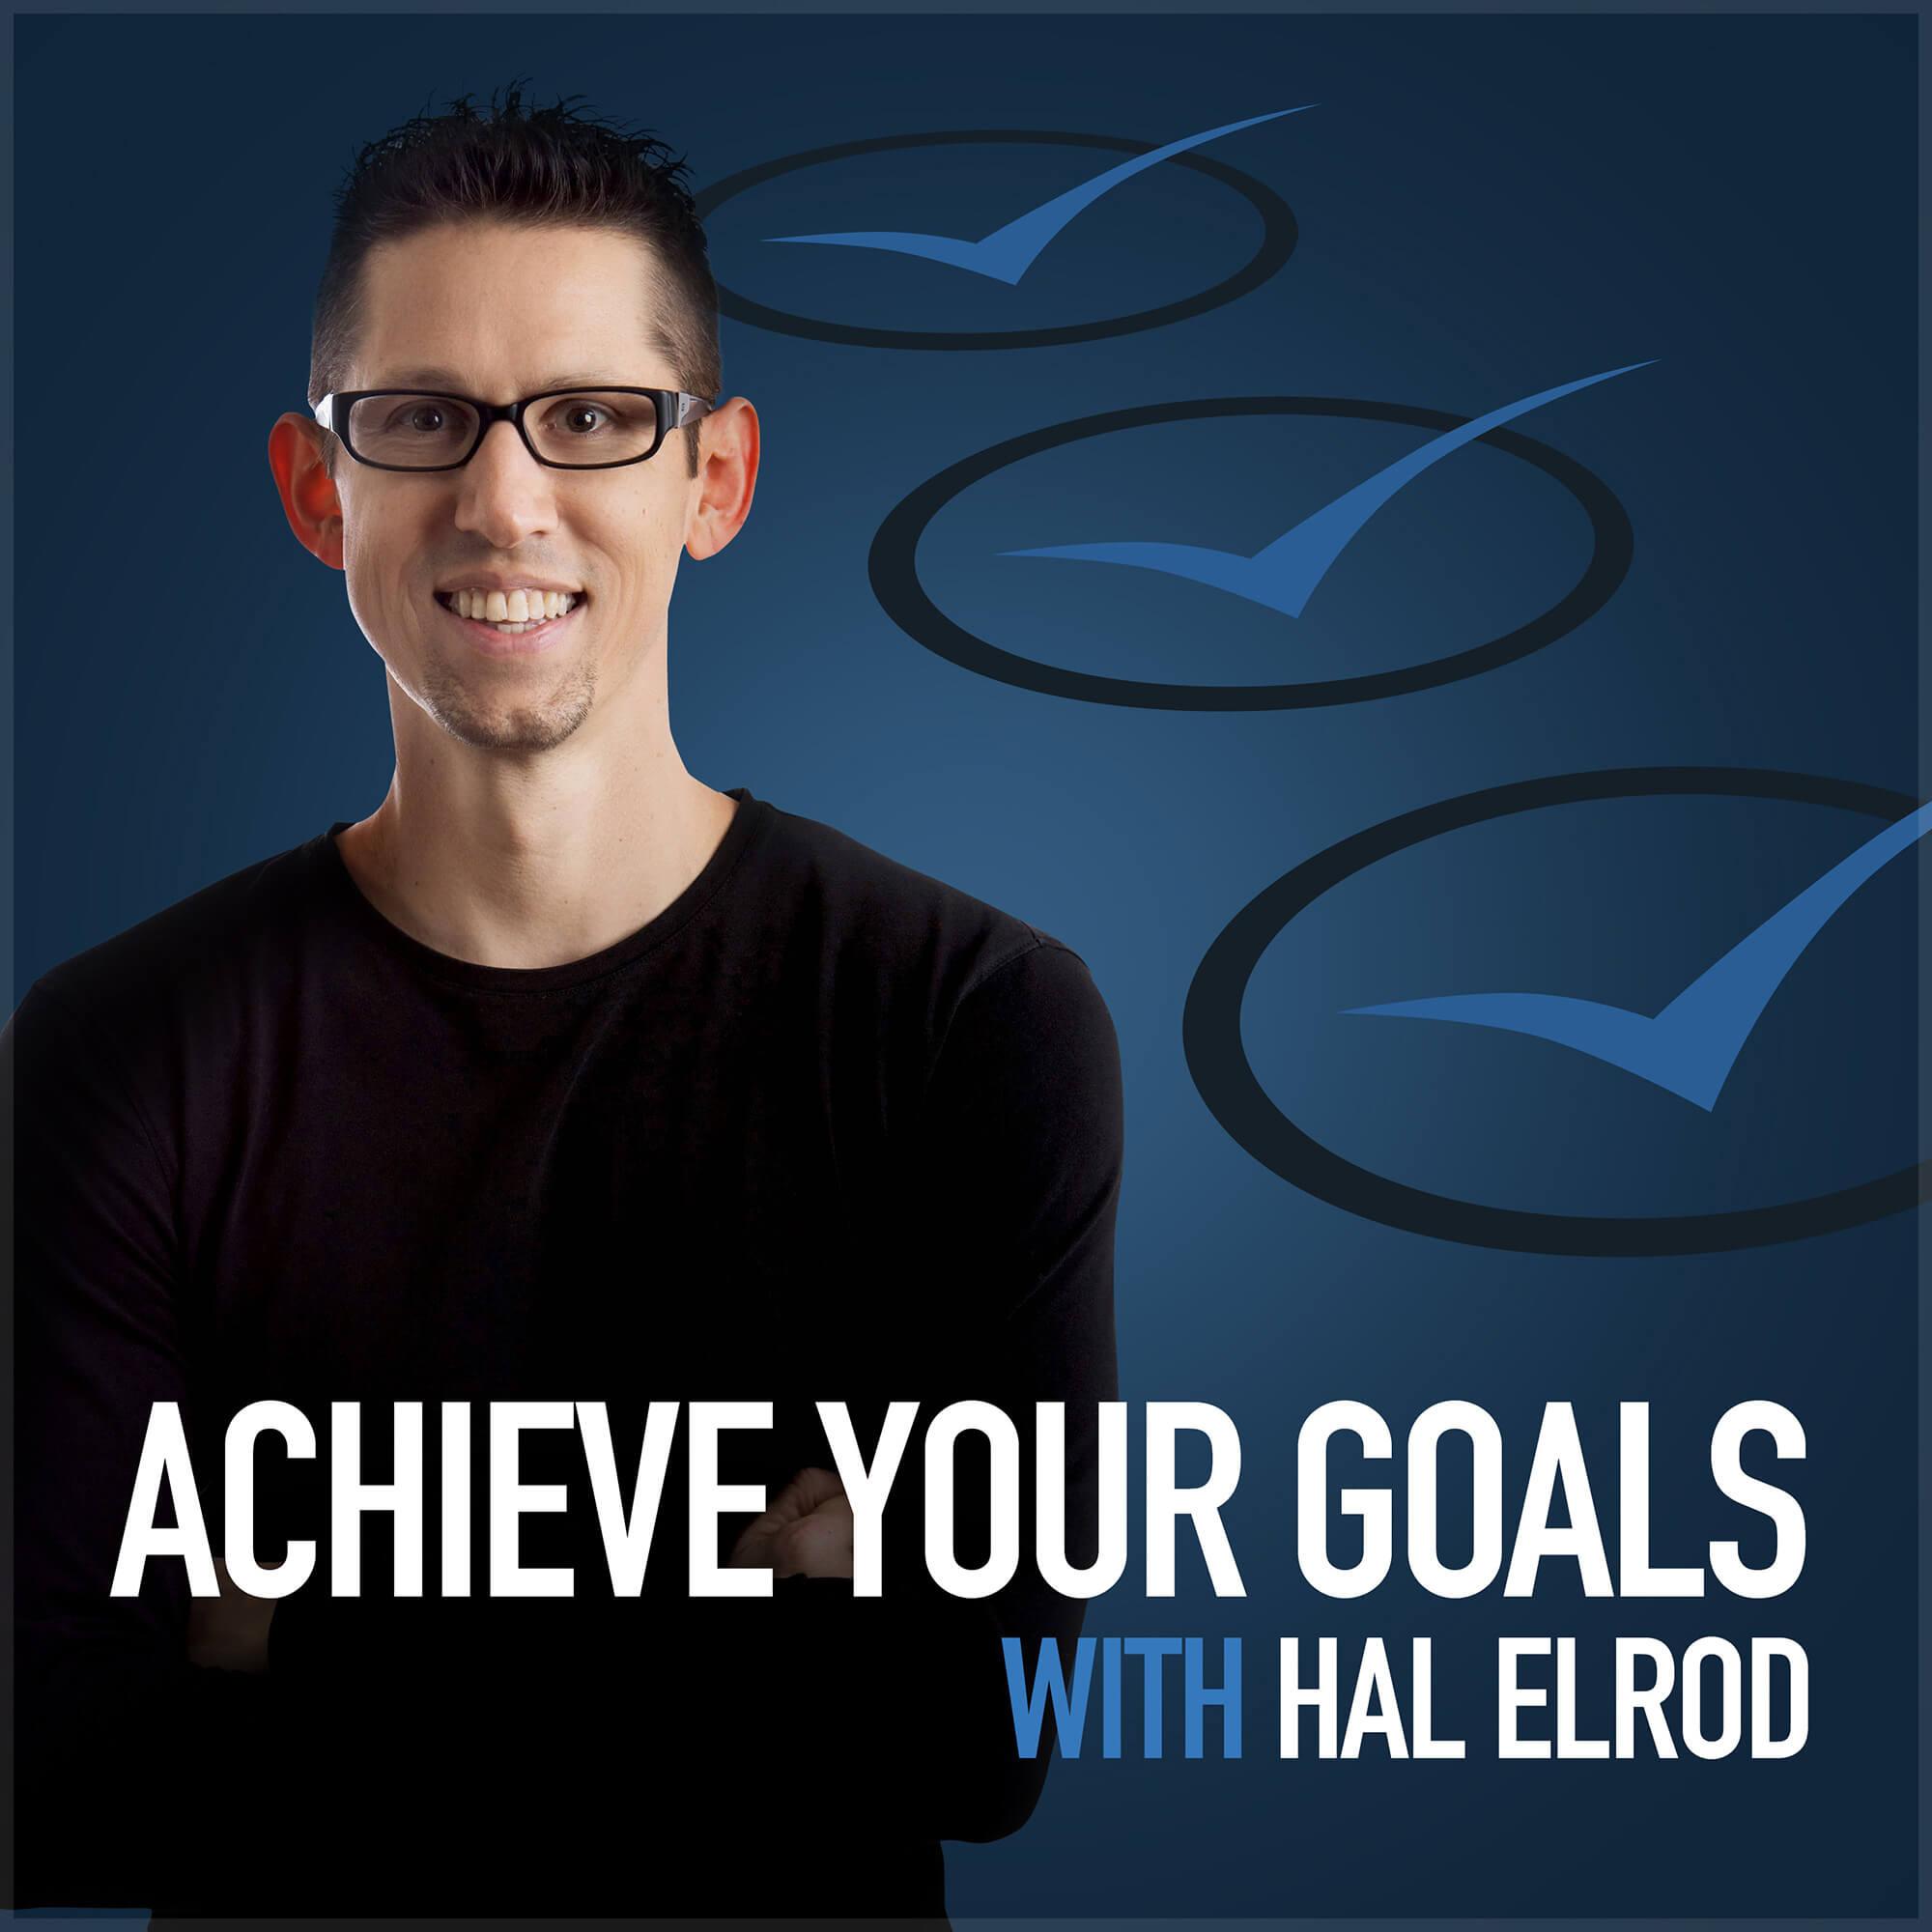 Pour faire le plein de motivation, rien de tel qu'un podcast à écouter ! Je vous donne ici mes 9 podcasts préférés qui m'inspirent au quotidien :) #inspiration #developpementpersonnel #organisation